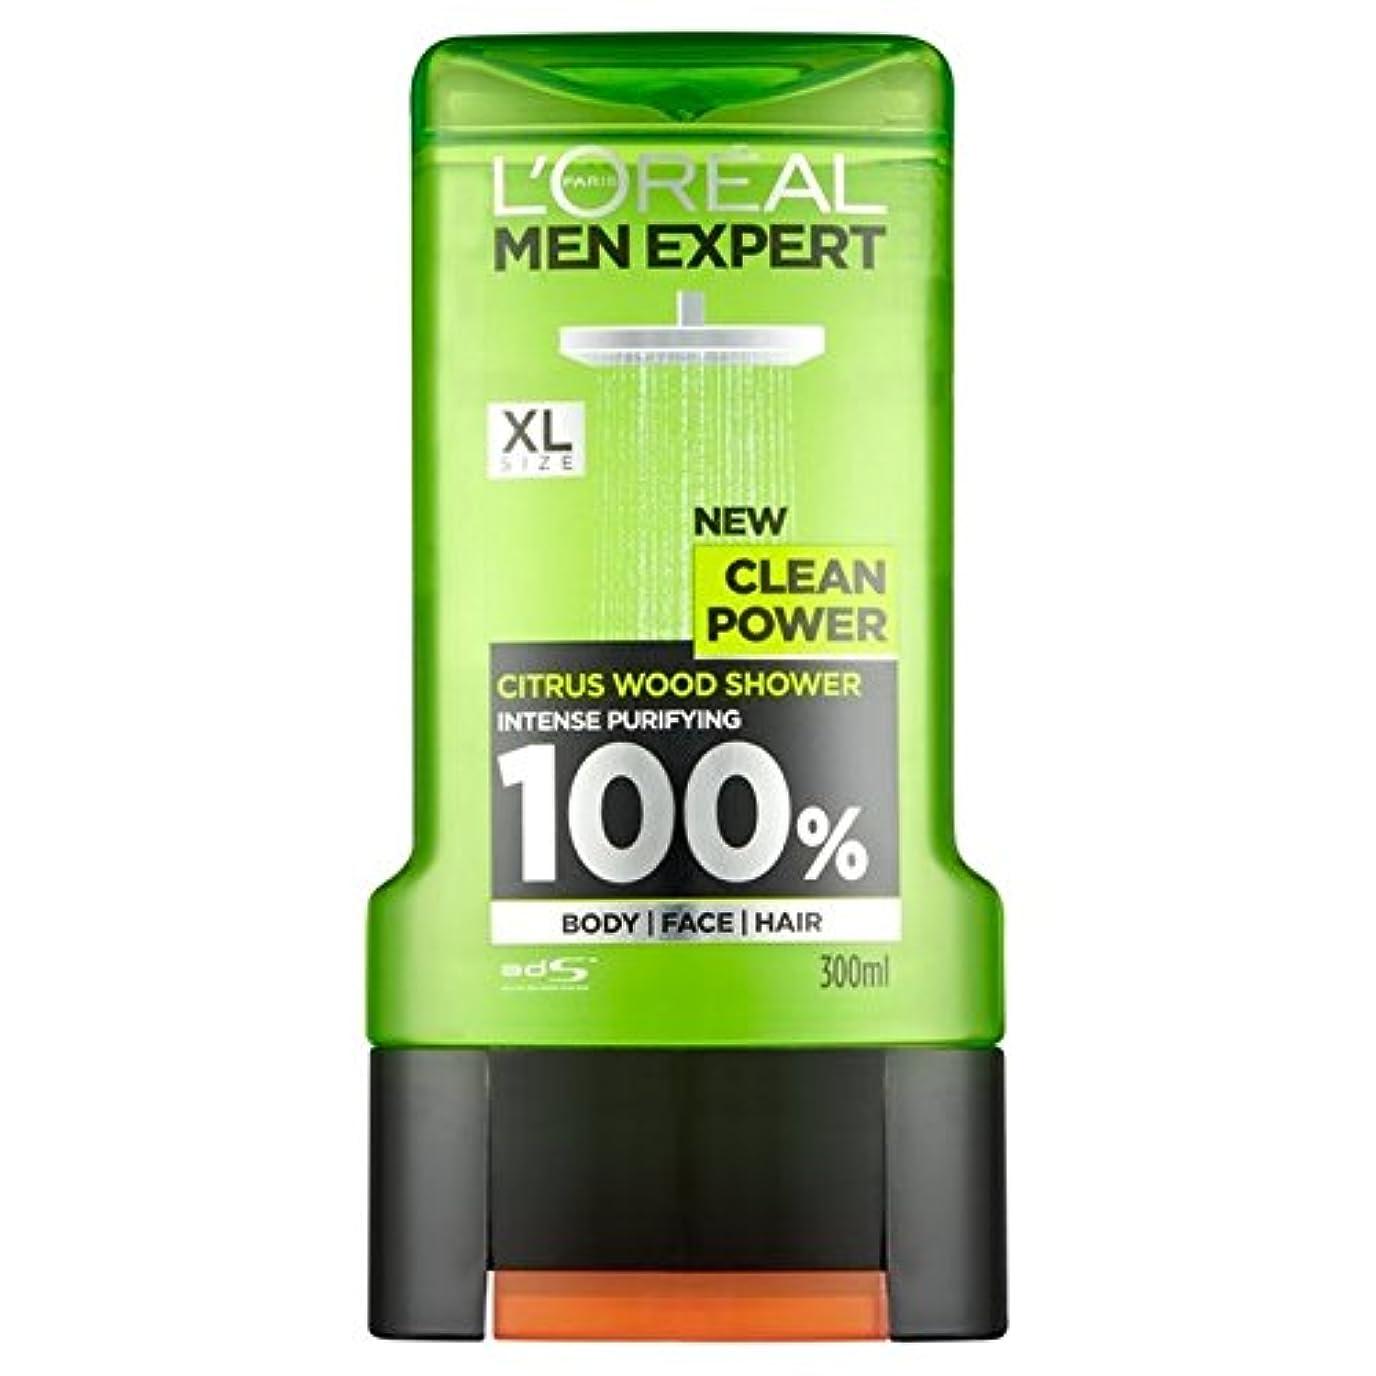 最初は避けられないファイルL'Oreal Paris Men Expert Clean Power Shower Gel 300ml (Pack of 6) - ロレアルパリの男性の専門家クリーンパワーシャワージェル300ミリリットル x6 [並行輸入品]